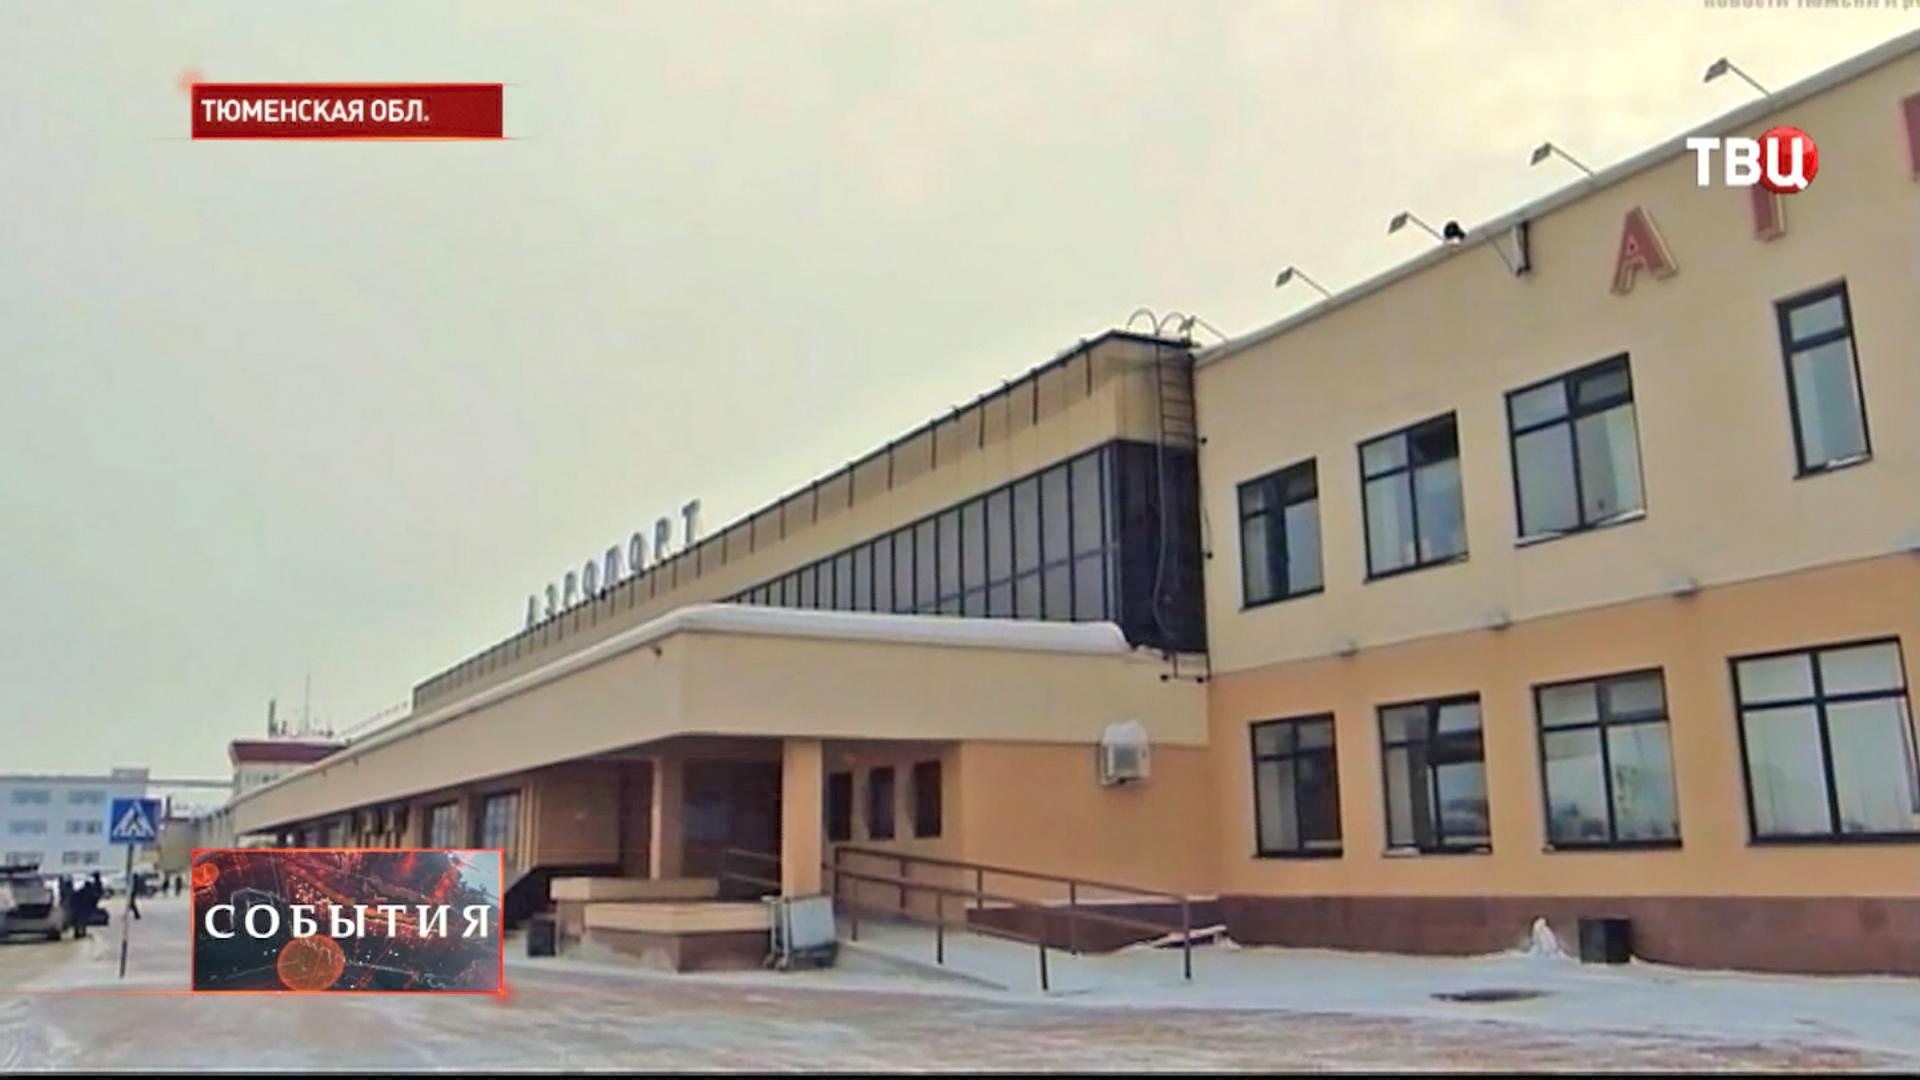 Аэропорт в Тюменской области